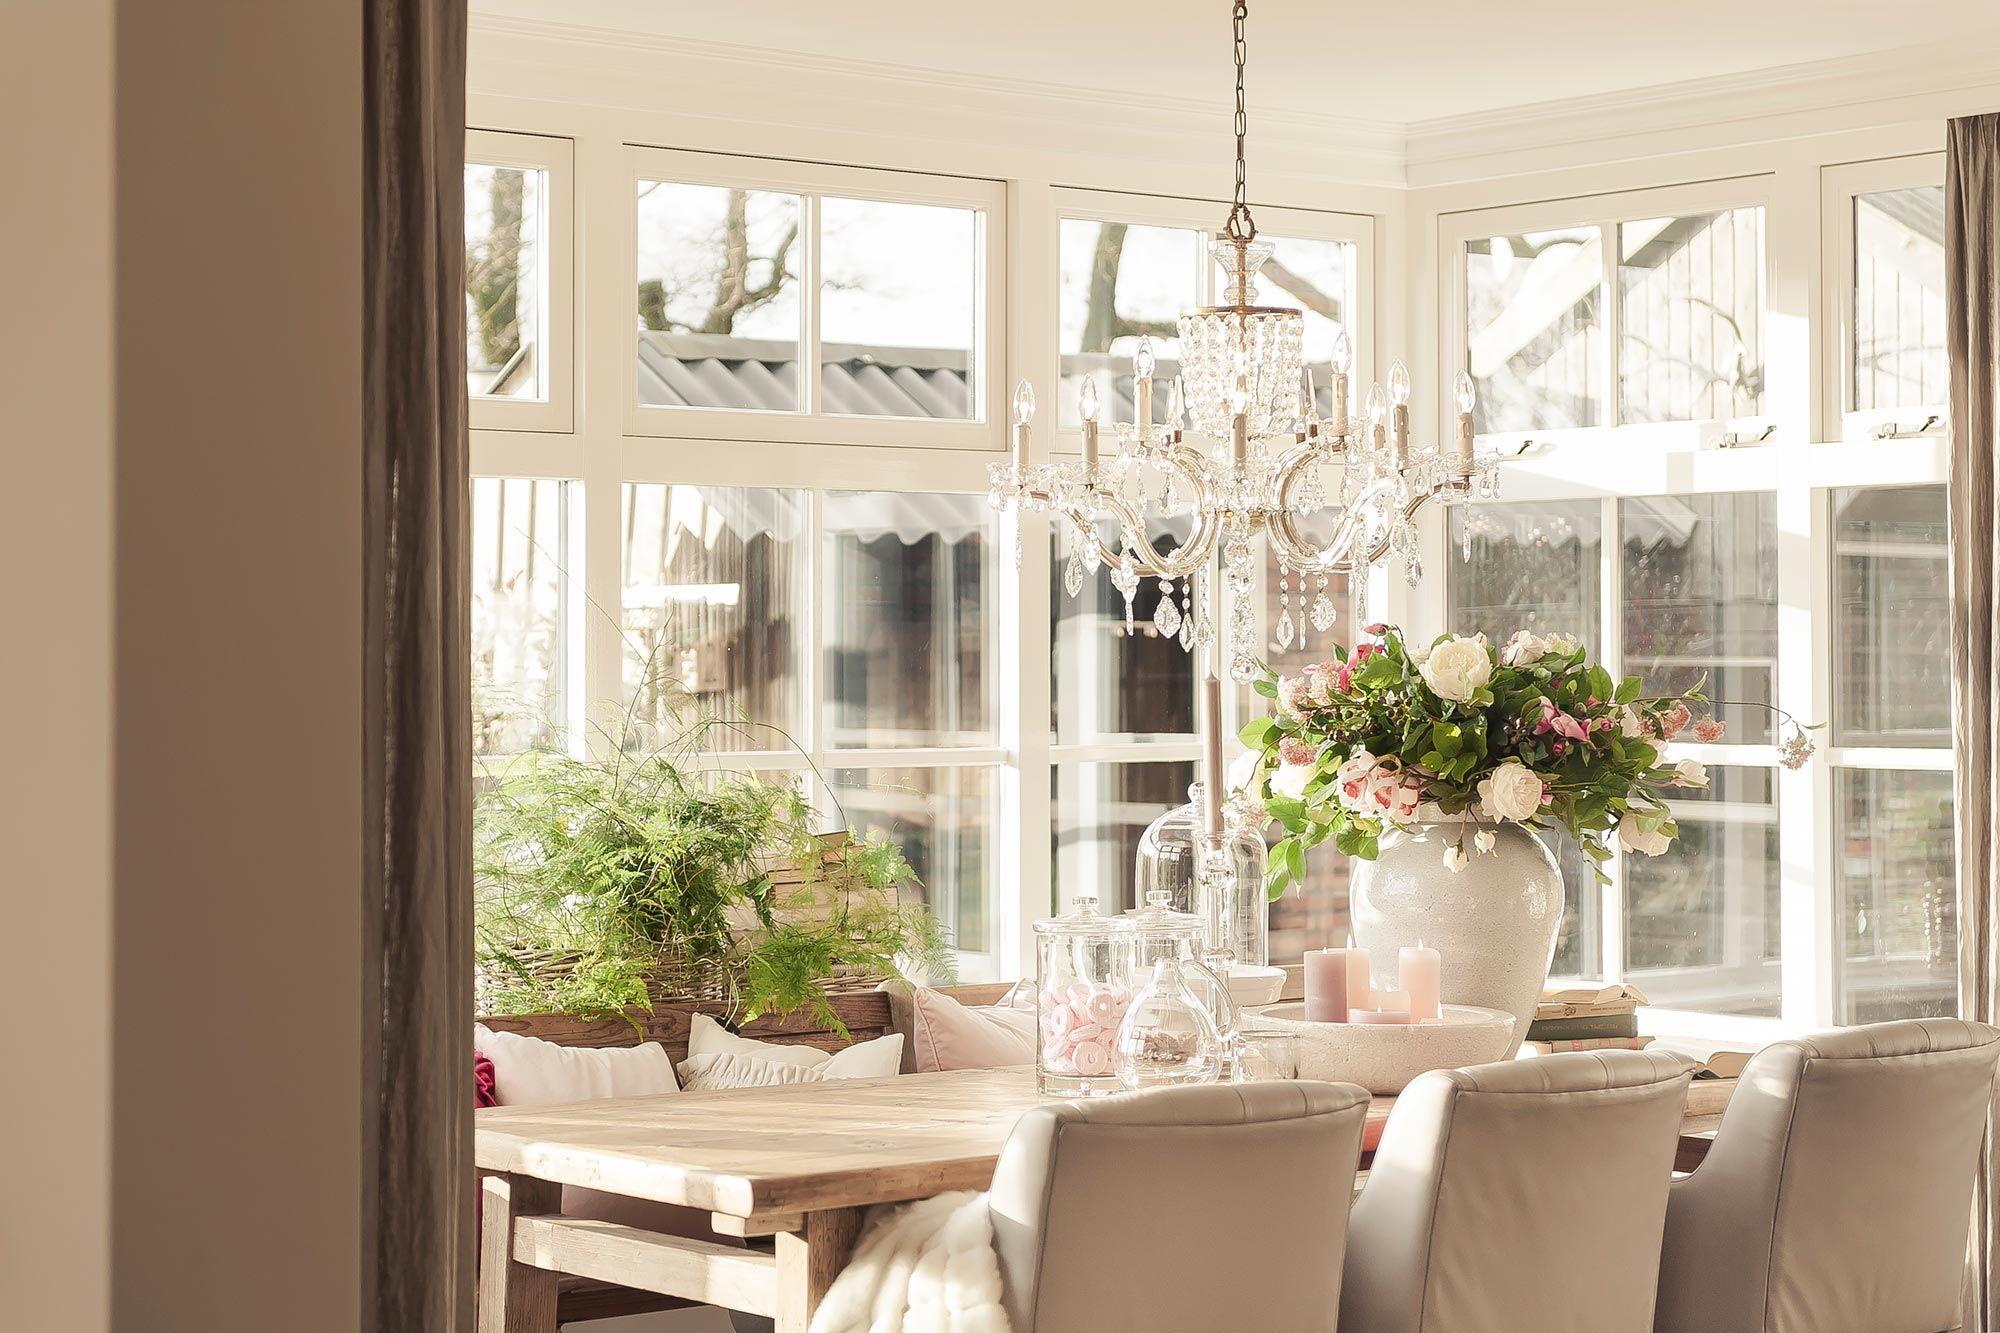 glas klassieke eethoek oud houten meubelen oud hout landelijk interieur with landelijke interieur ideeen